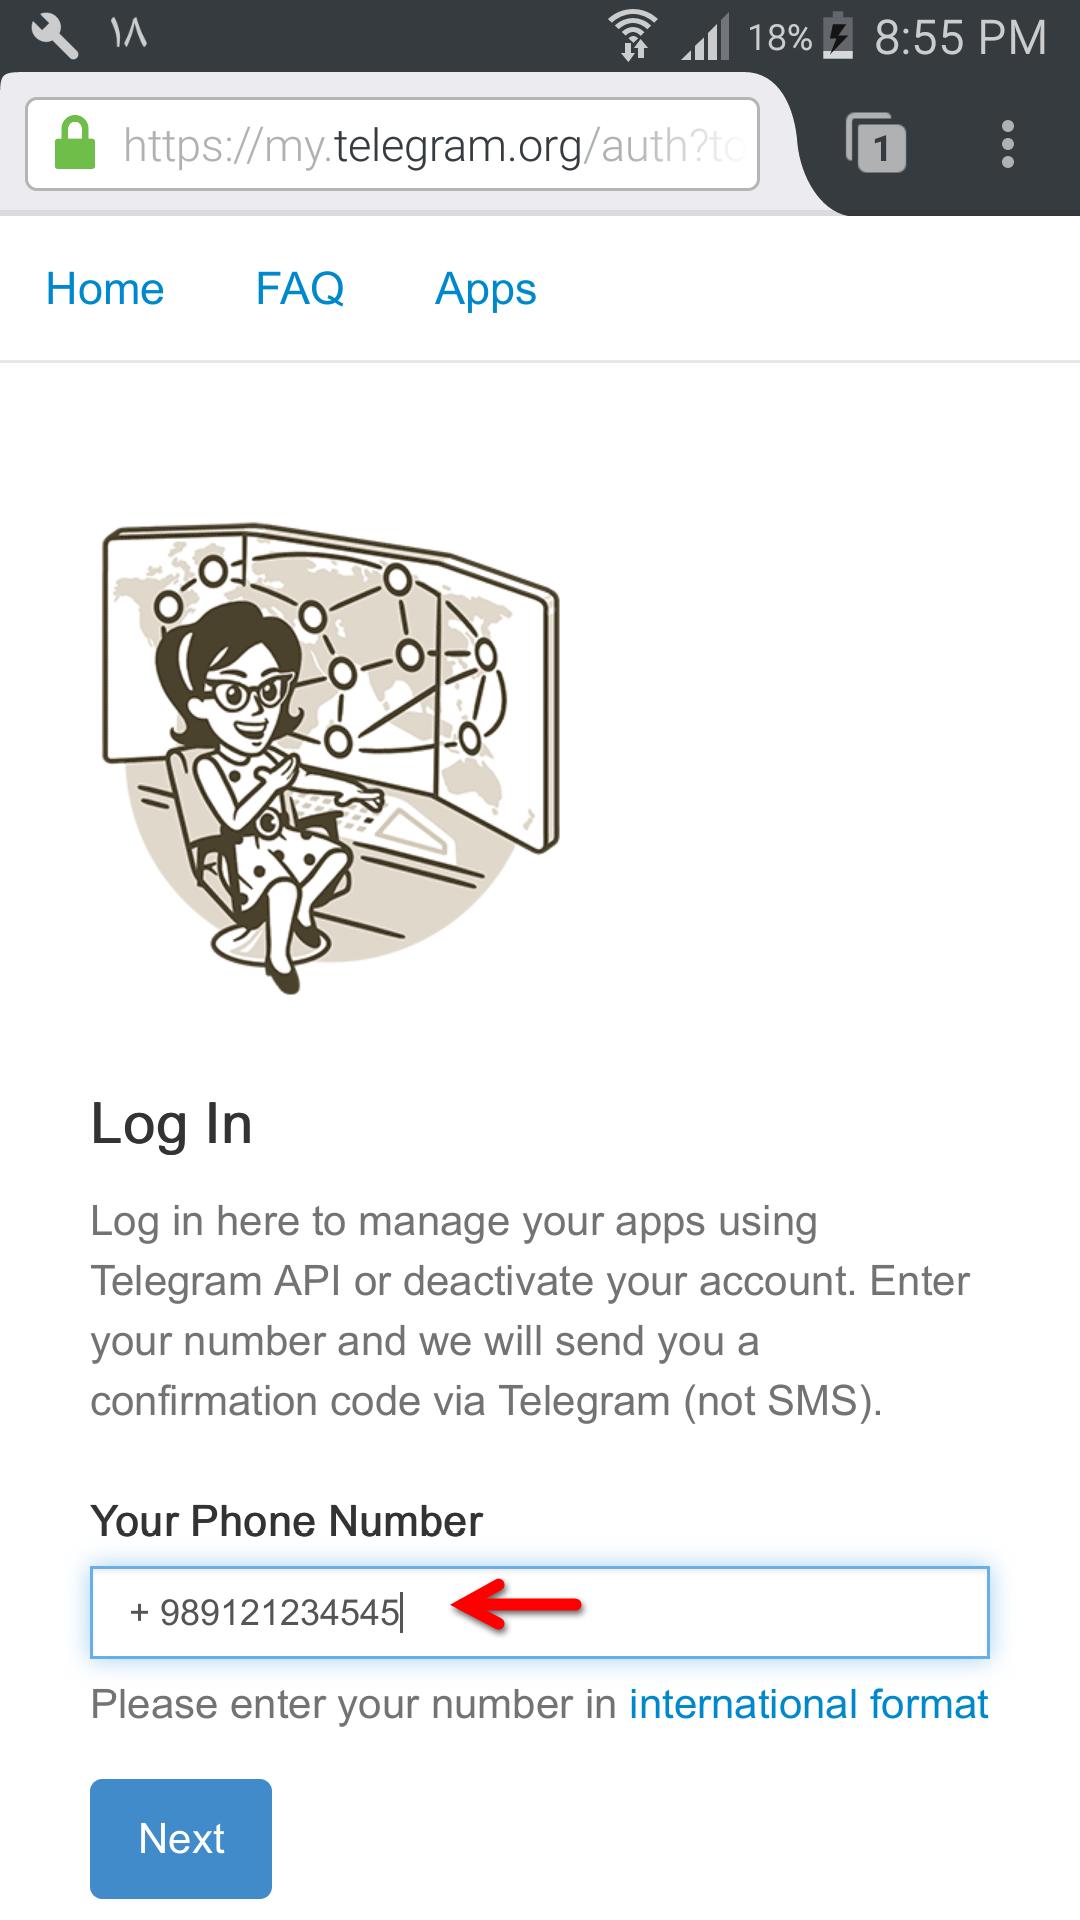 آموزش حذف اکانت تلگرام (Delete Account Telegram)| تصویری